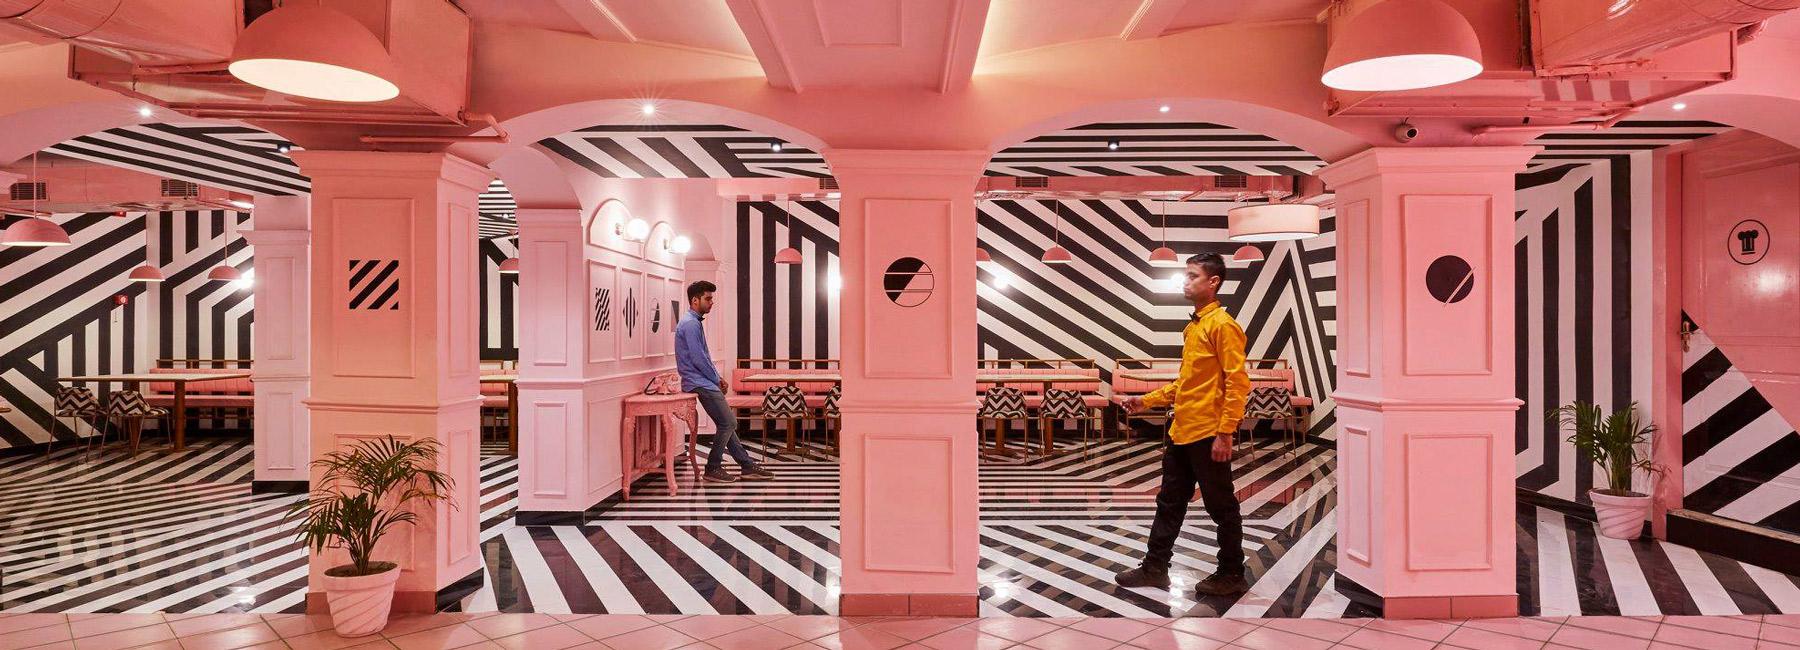 pink-zebra-feast-india-company-kanpur-india-renesa-noko-01.jpg